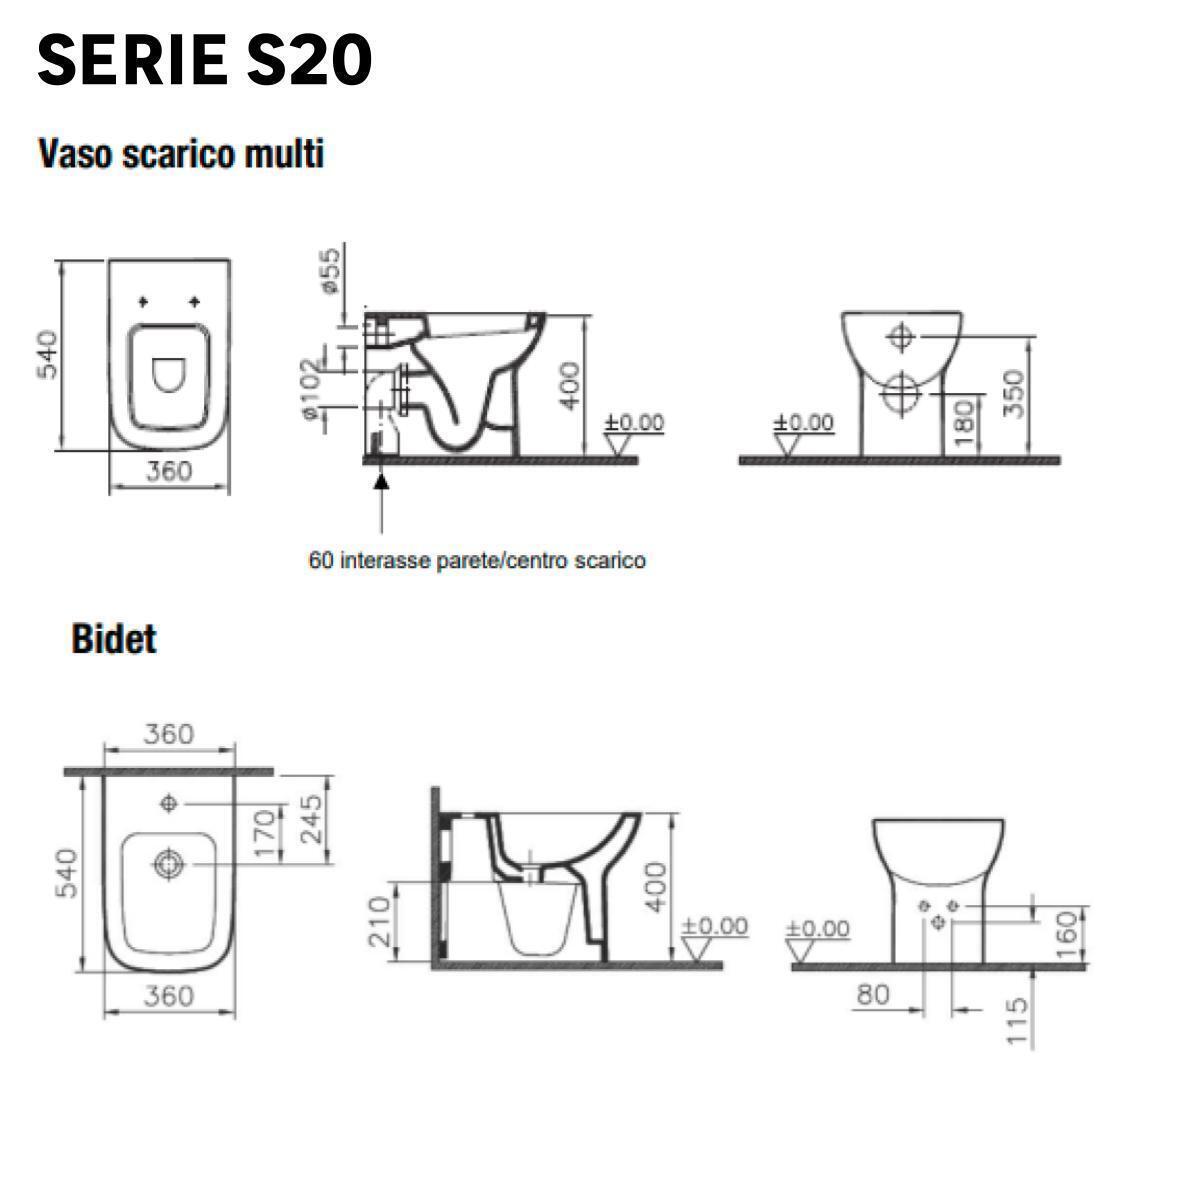 Vaso wc a pavimento s20 - 2